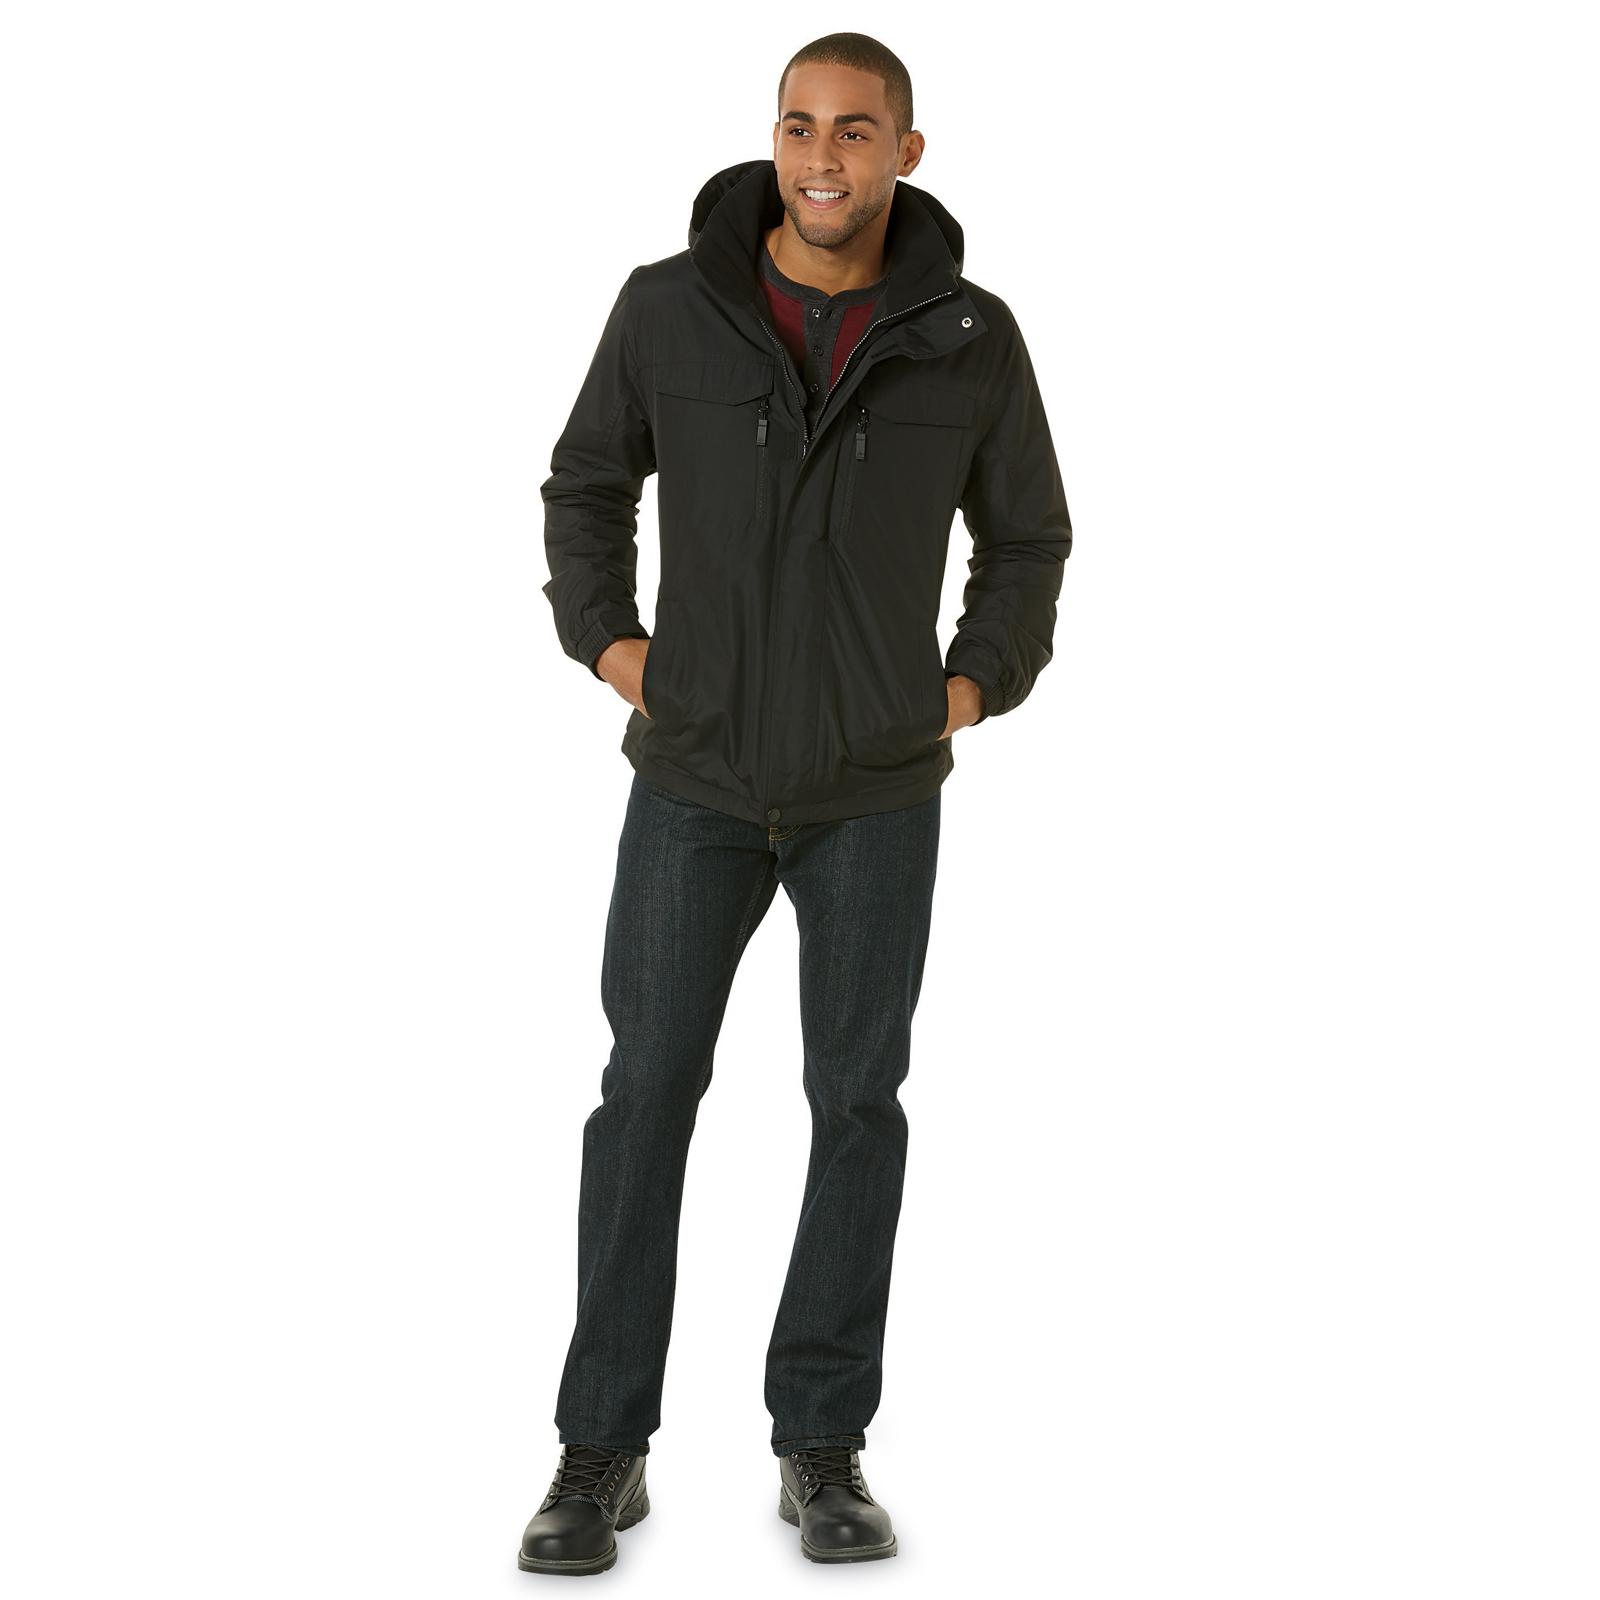 Athletech Men's Hooded Dozer Jacket